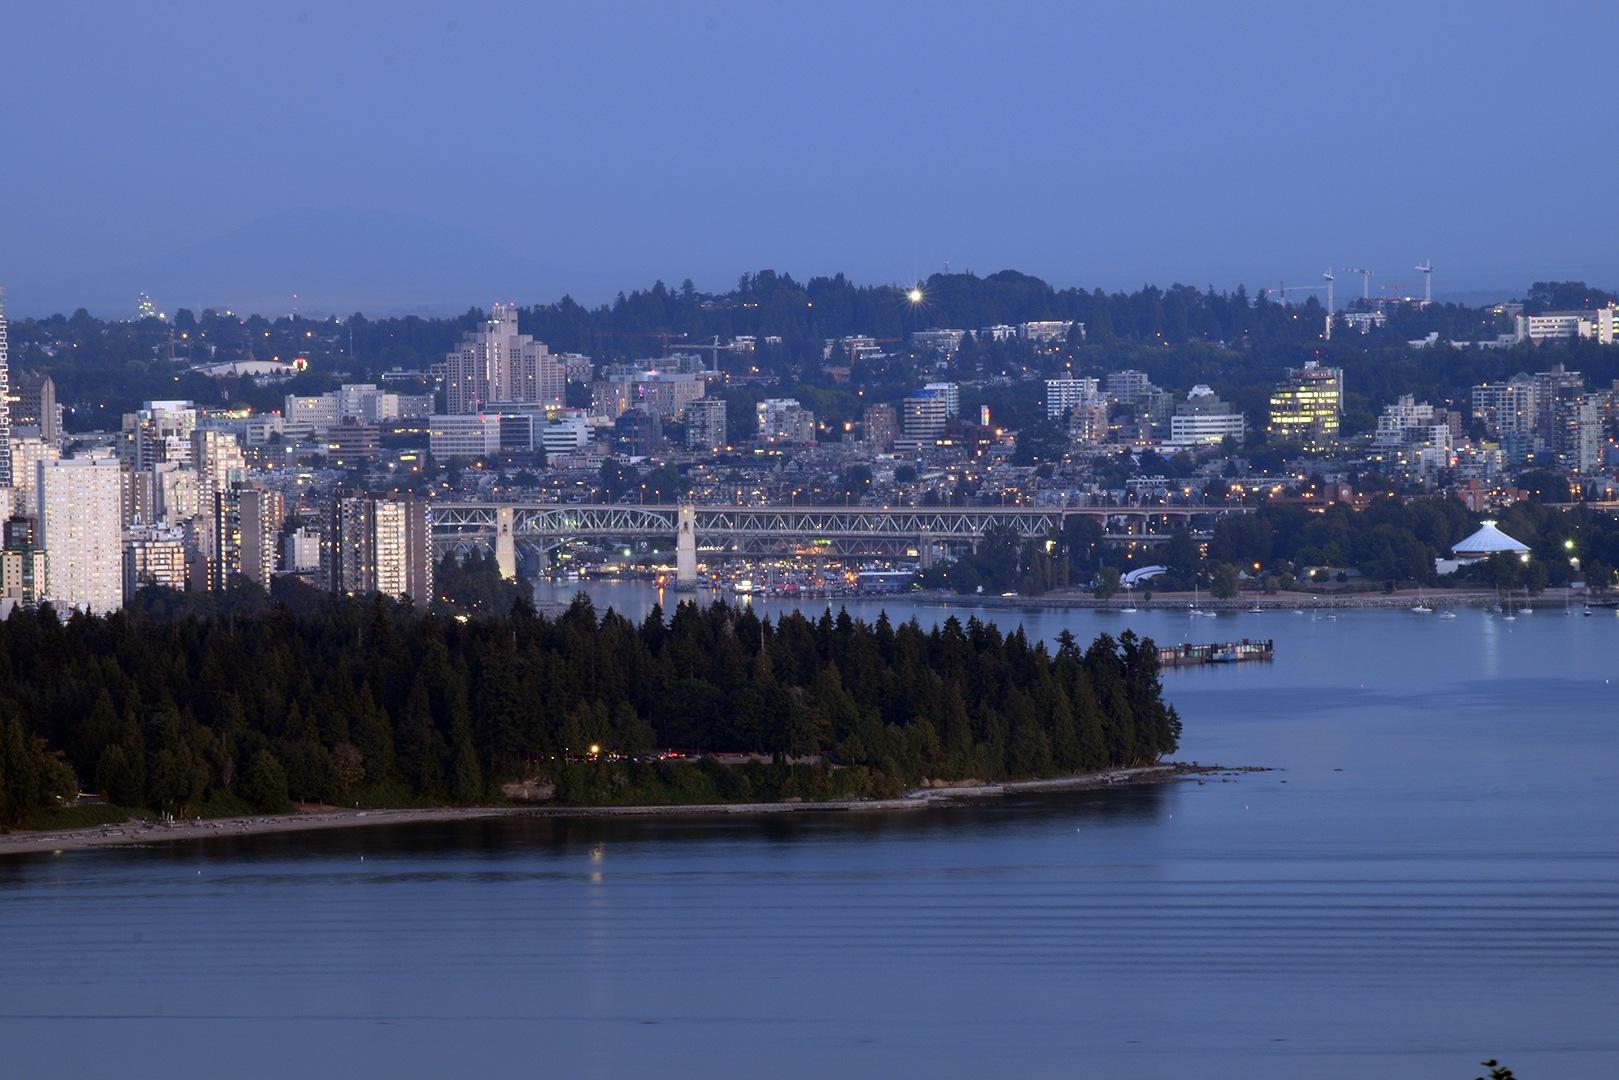 Vancouver, BC Canada Burrard Bridge, Stanley Park, English Bay by #gregozphotos